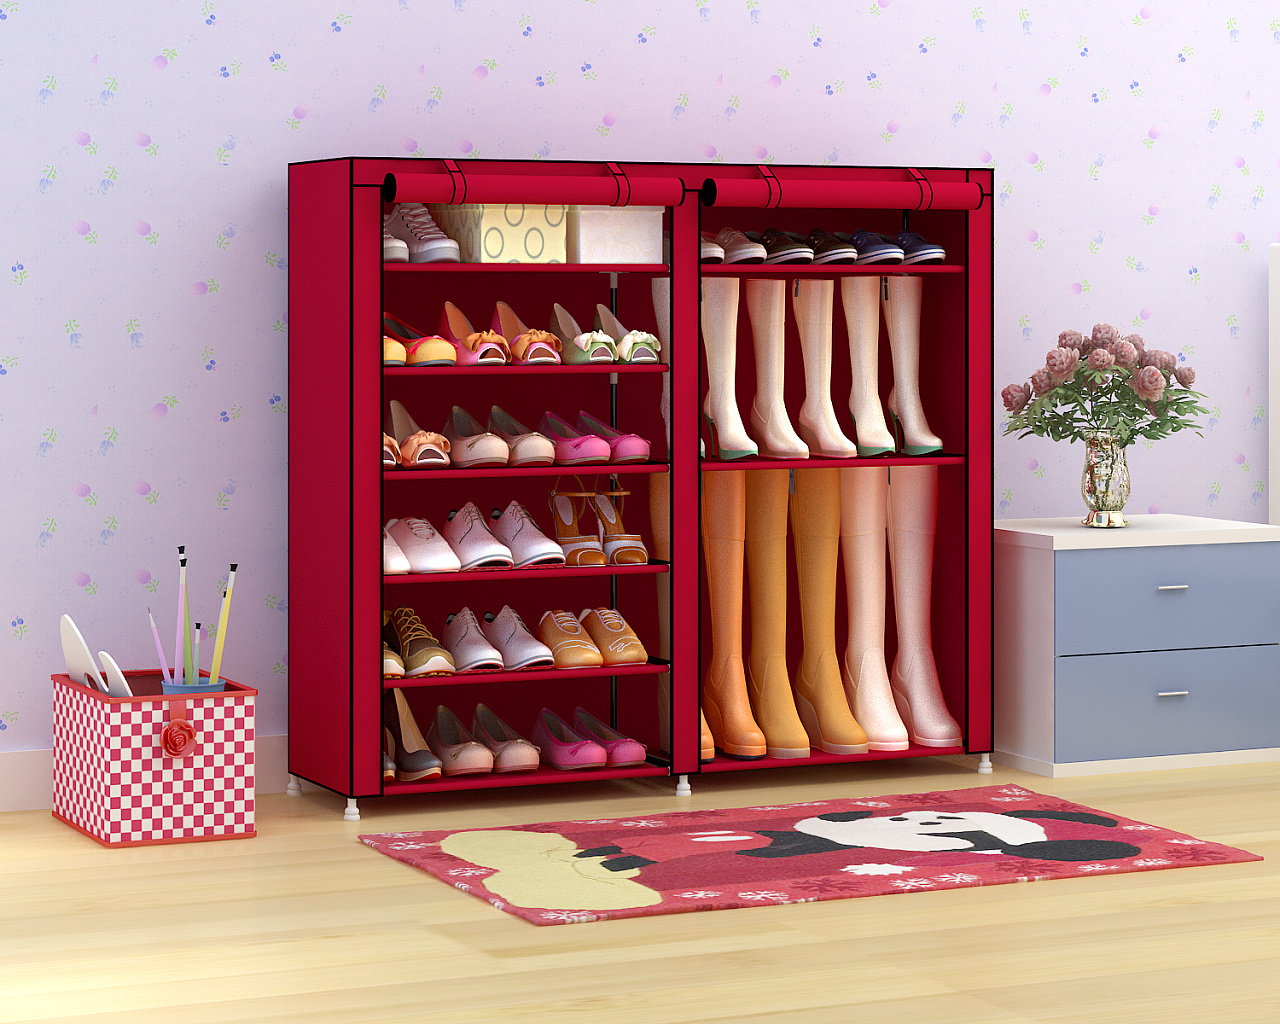 专业制作产品效果图 布衣柜鞋柜等等 请关注我哦